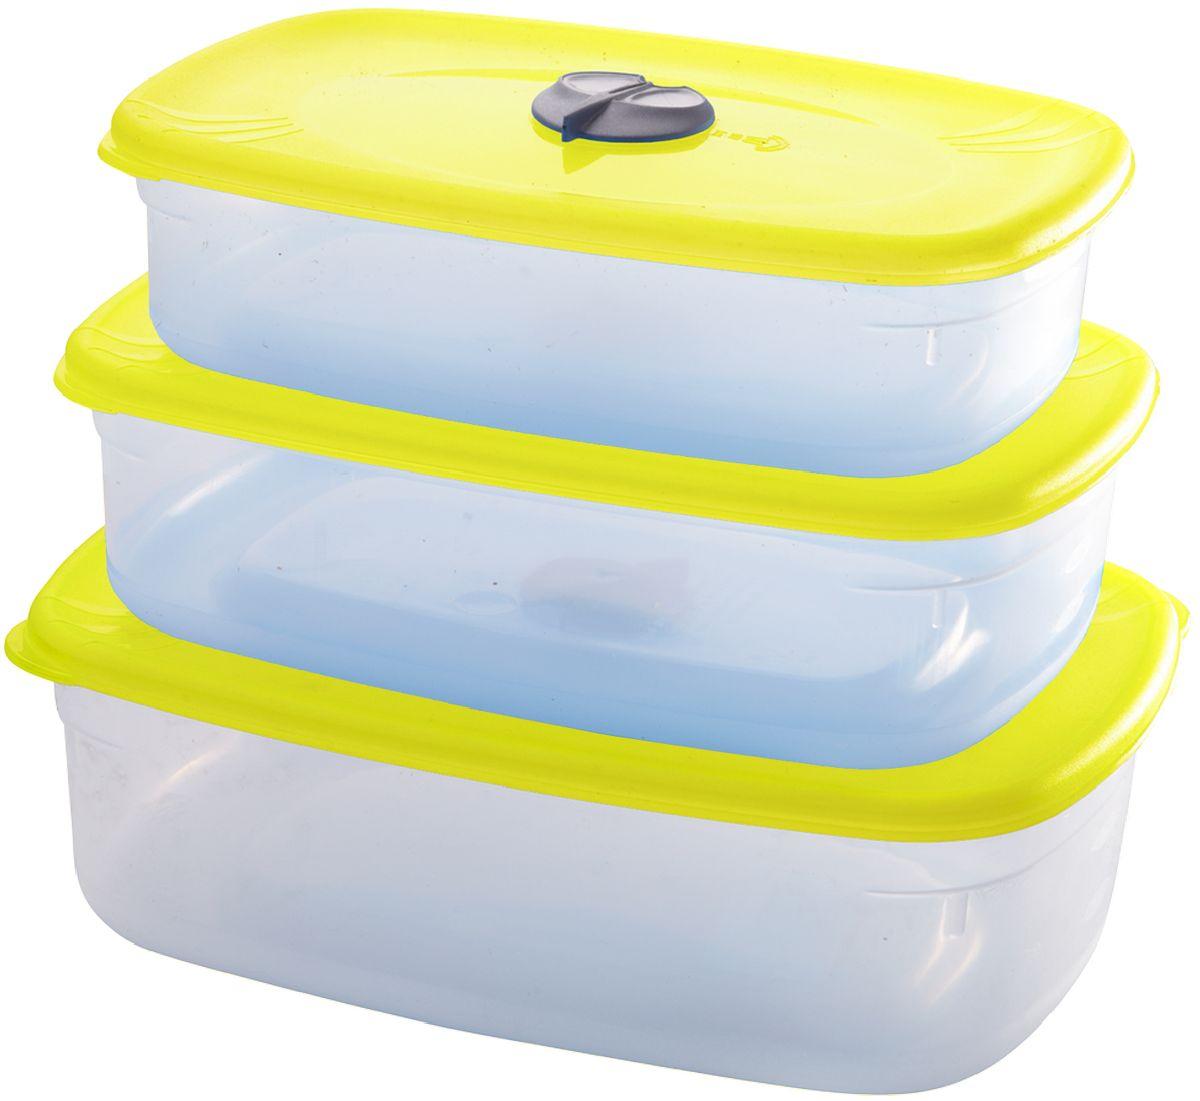 Комплект емкостей для СВЧ Plastic Centre, с паровыпускным клапаном, цвет: желтый, прозрачный, 3 штПЦ3504ЛМННабор многофункциональных емкостей для хранения различных продуктов, разогрева пищи, замораживания ягод и овощей в морозильной камере и т.п. При хранении продуктов емкости можно ставить одну на другую, сохраняя полезную площадь холодильника или морозильной камеры.Объем маленькой емкости: 750 мл.Объем средней емкости: 1,2 л.Объем большой емкости: 1,6 л.